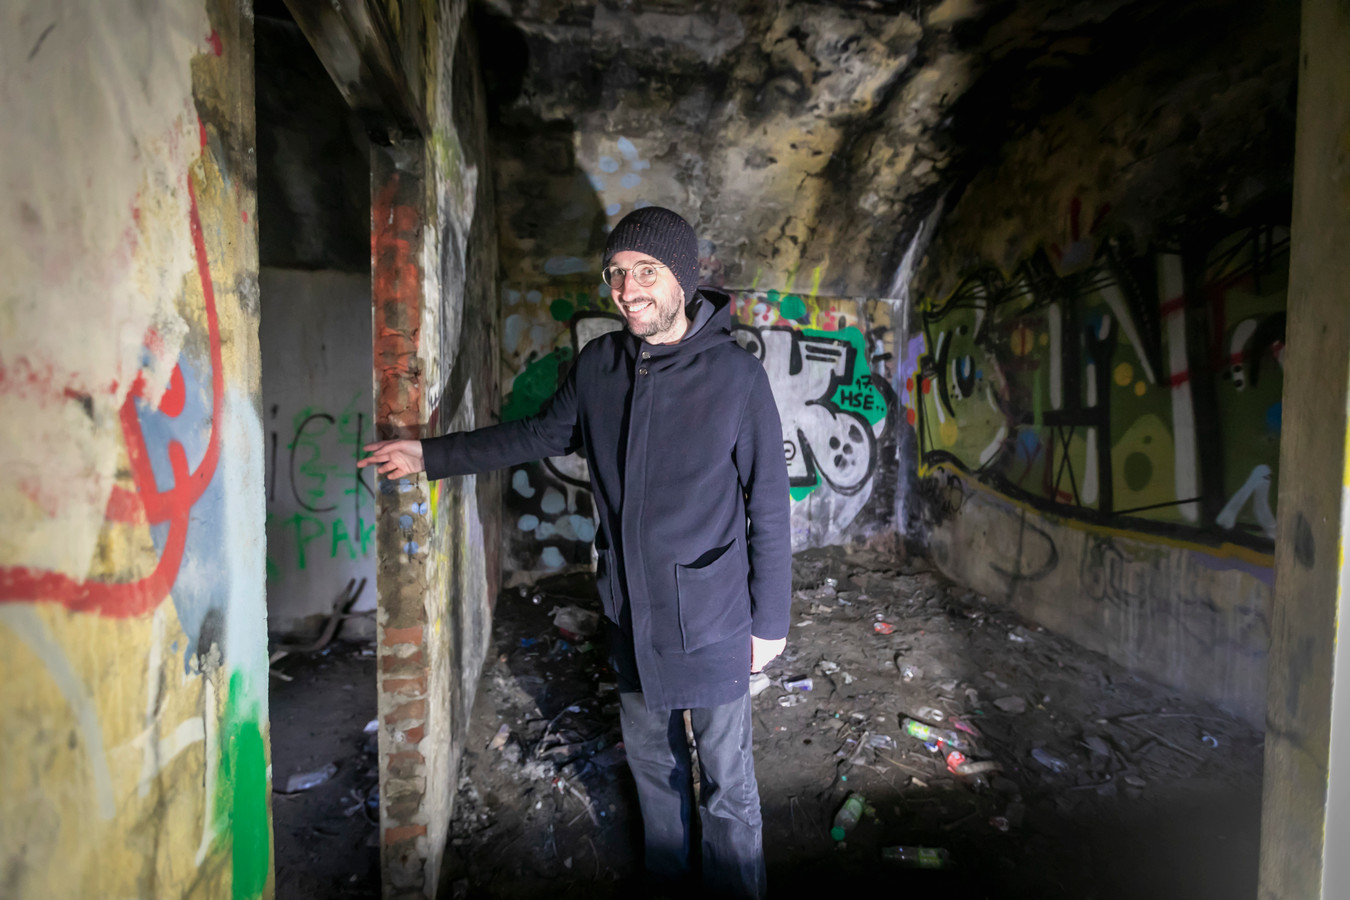 Zo zag de bunker er vorig jaar januari uit. Vol graffiti, smerig zand, zwerfafval en de restanten van fikkies die er werden gestookt.